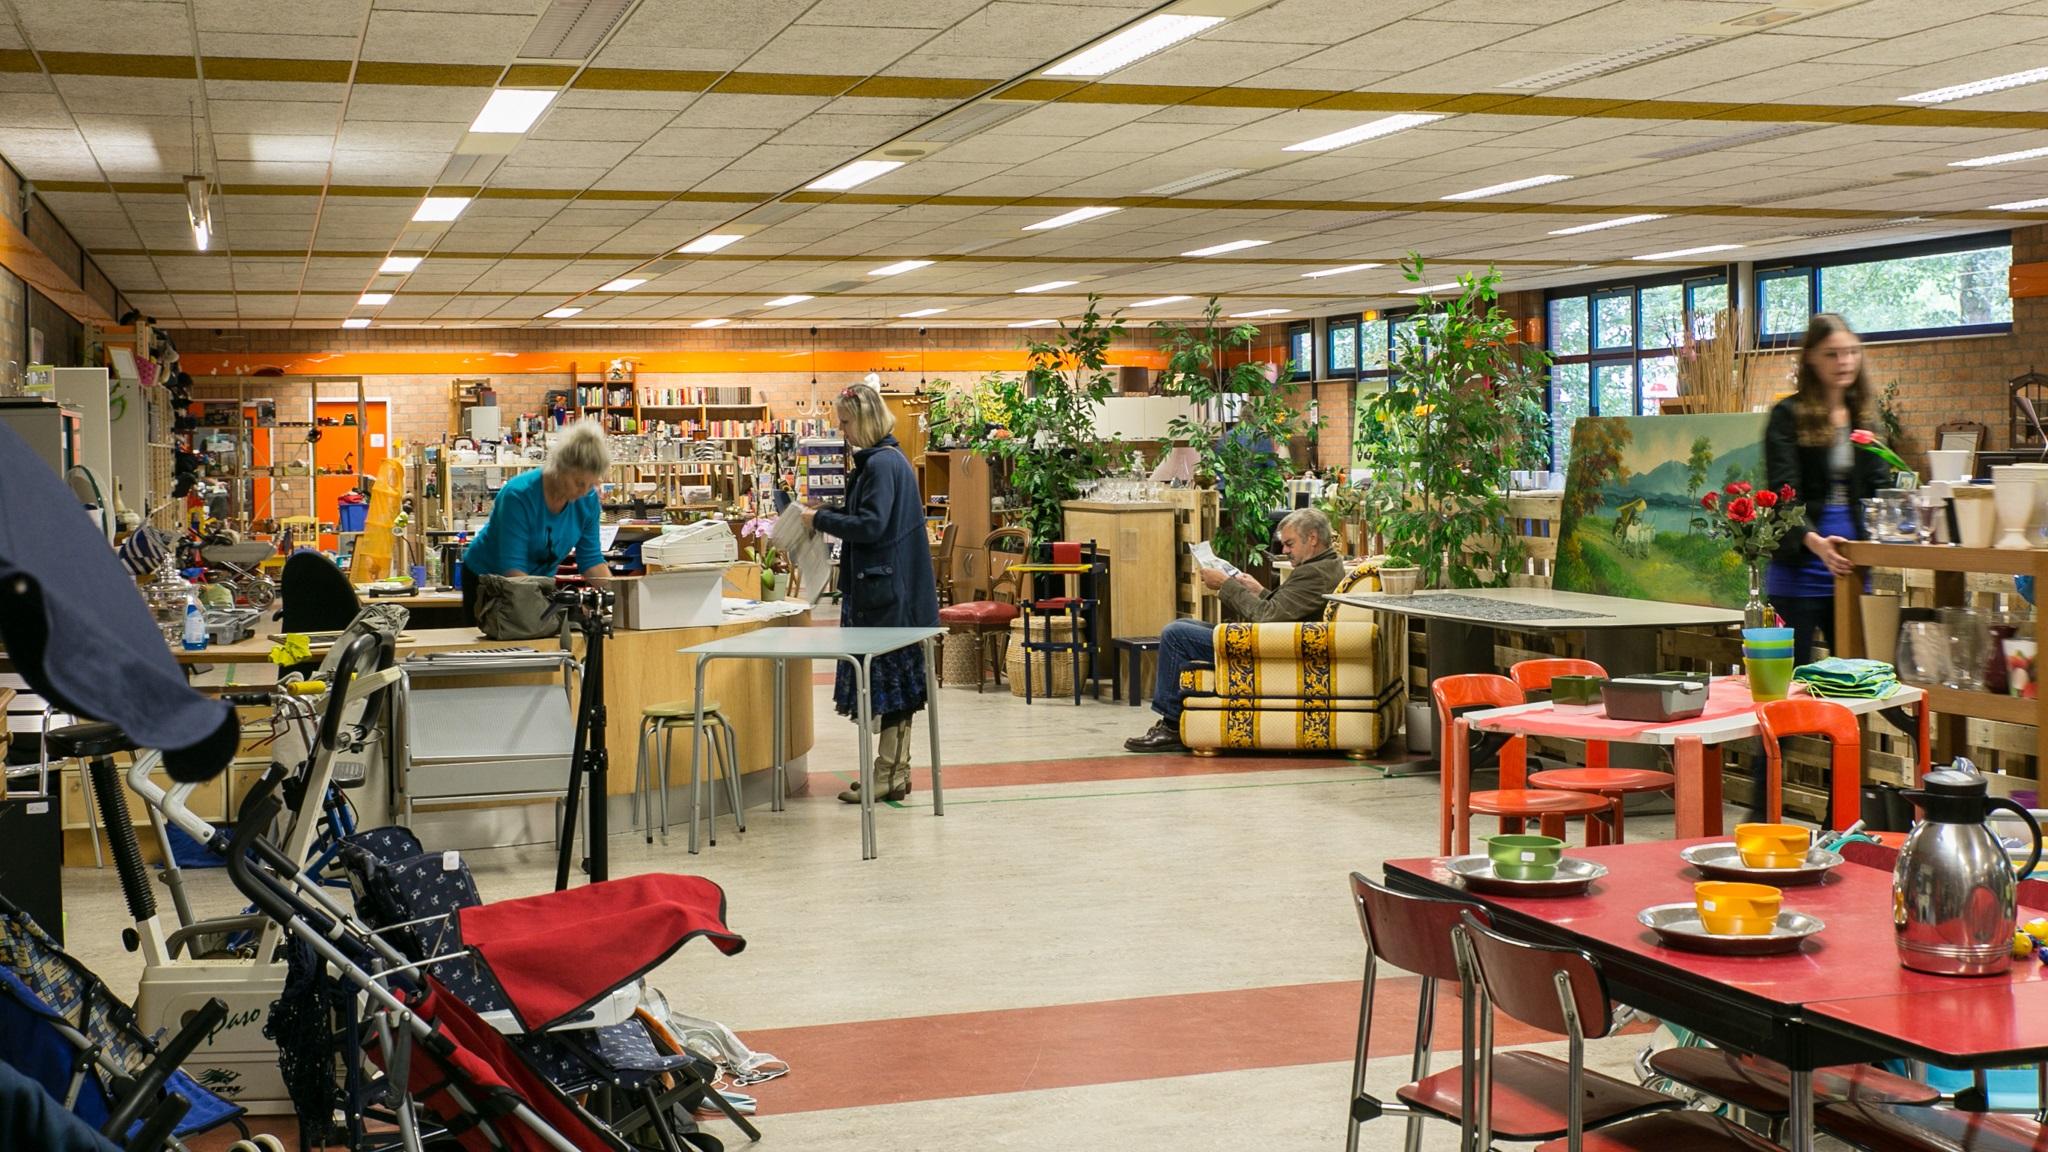 Winkelen  Kringloopplus kringloop kringloopwinkel kringloopdag kringloop+